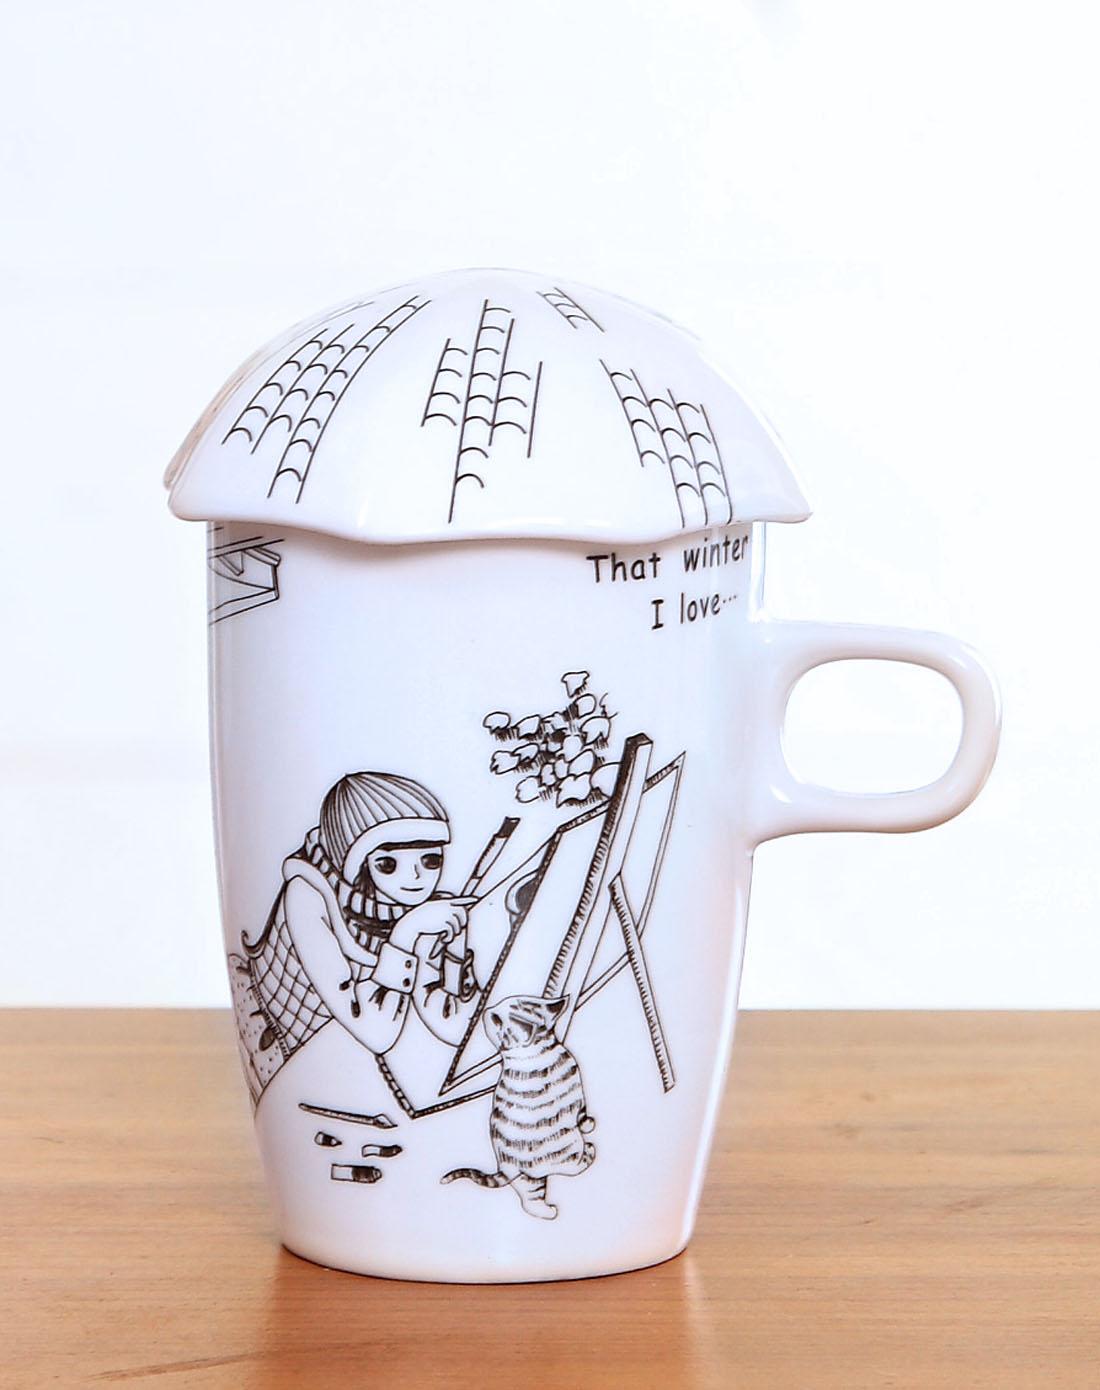 手绘漫画风陶瓷马克杯-画猫女孩